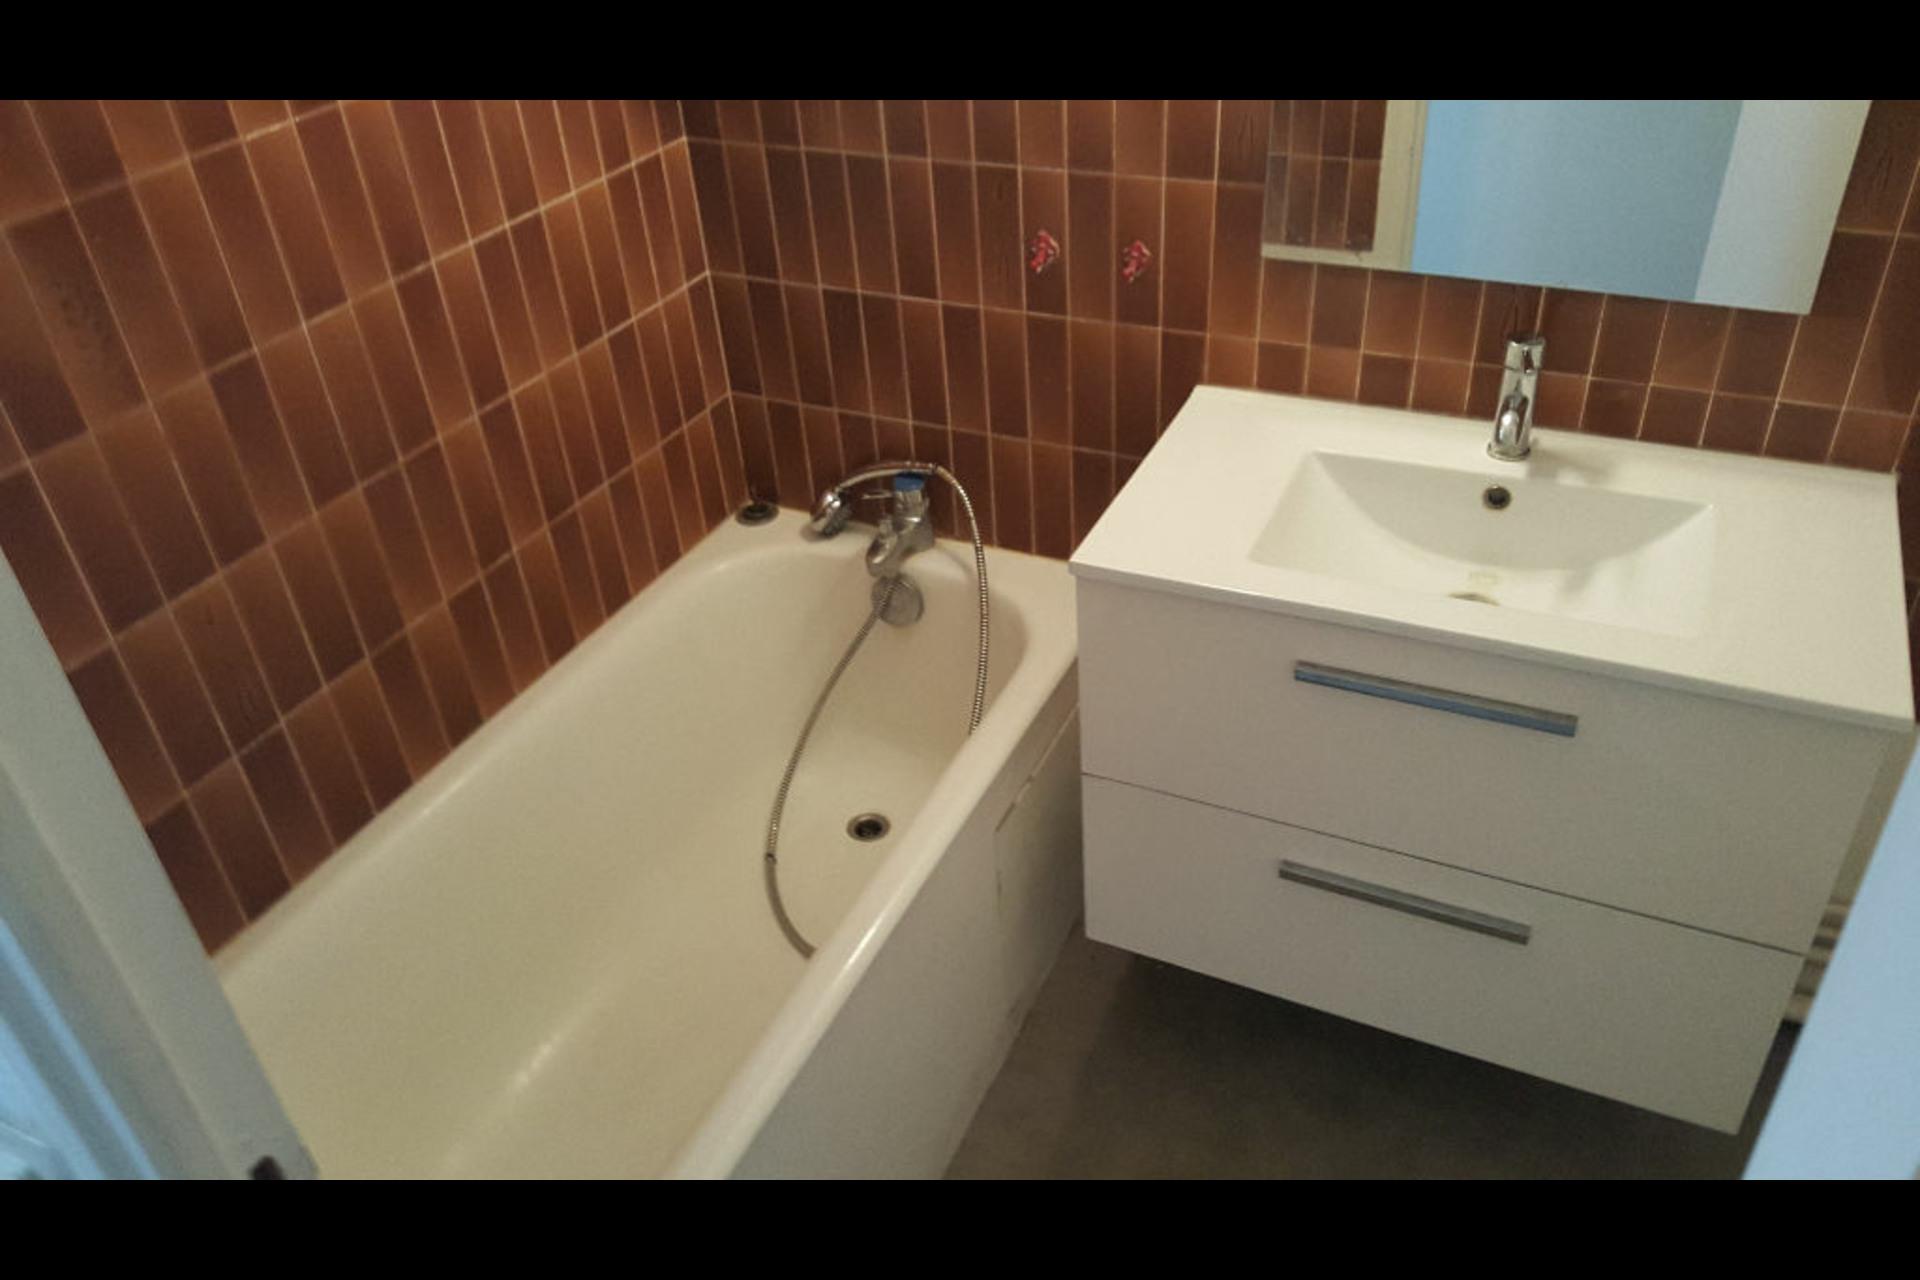 image 4 - Apartment For rent saint germain en laye - 3 rooms